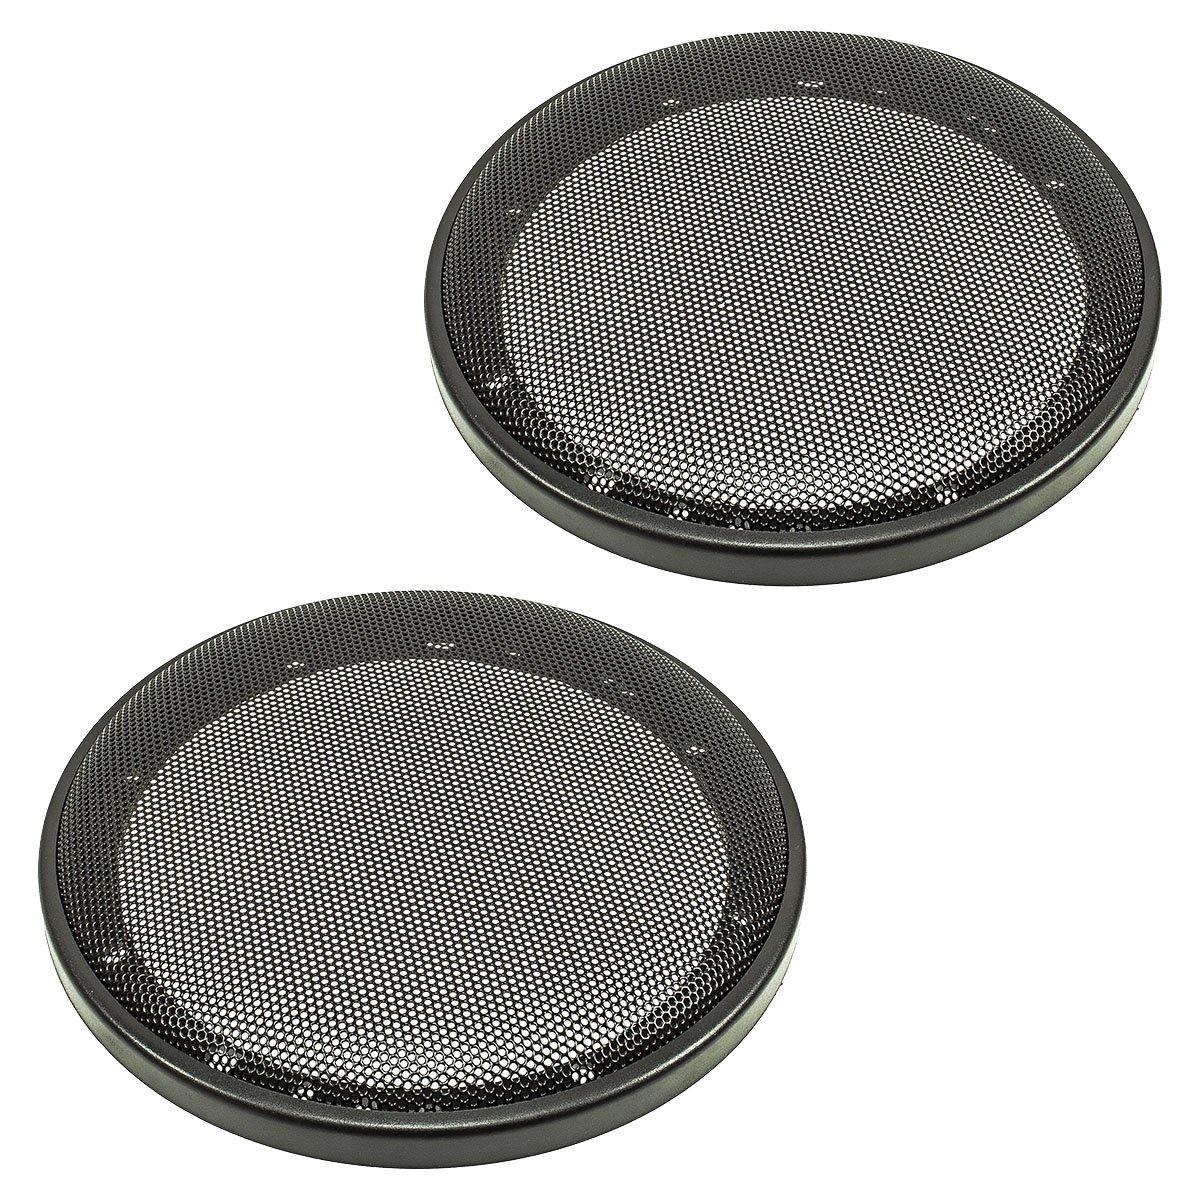 Altoparlante a griglia Grill 165 mm Nero, 2 teilig anello in plastica metallo griglia, set tomzz Audio ® 2800-002